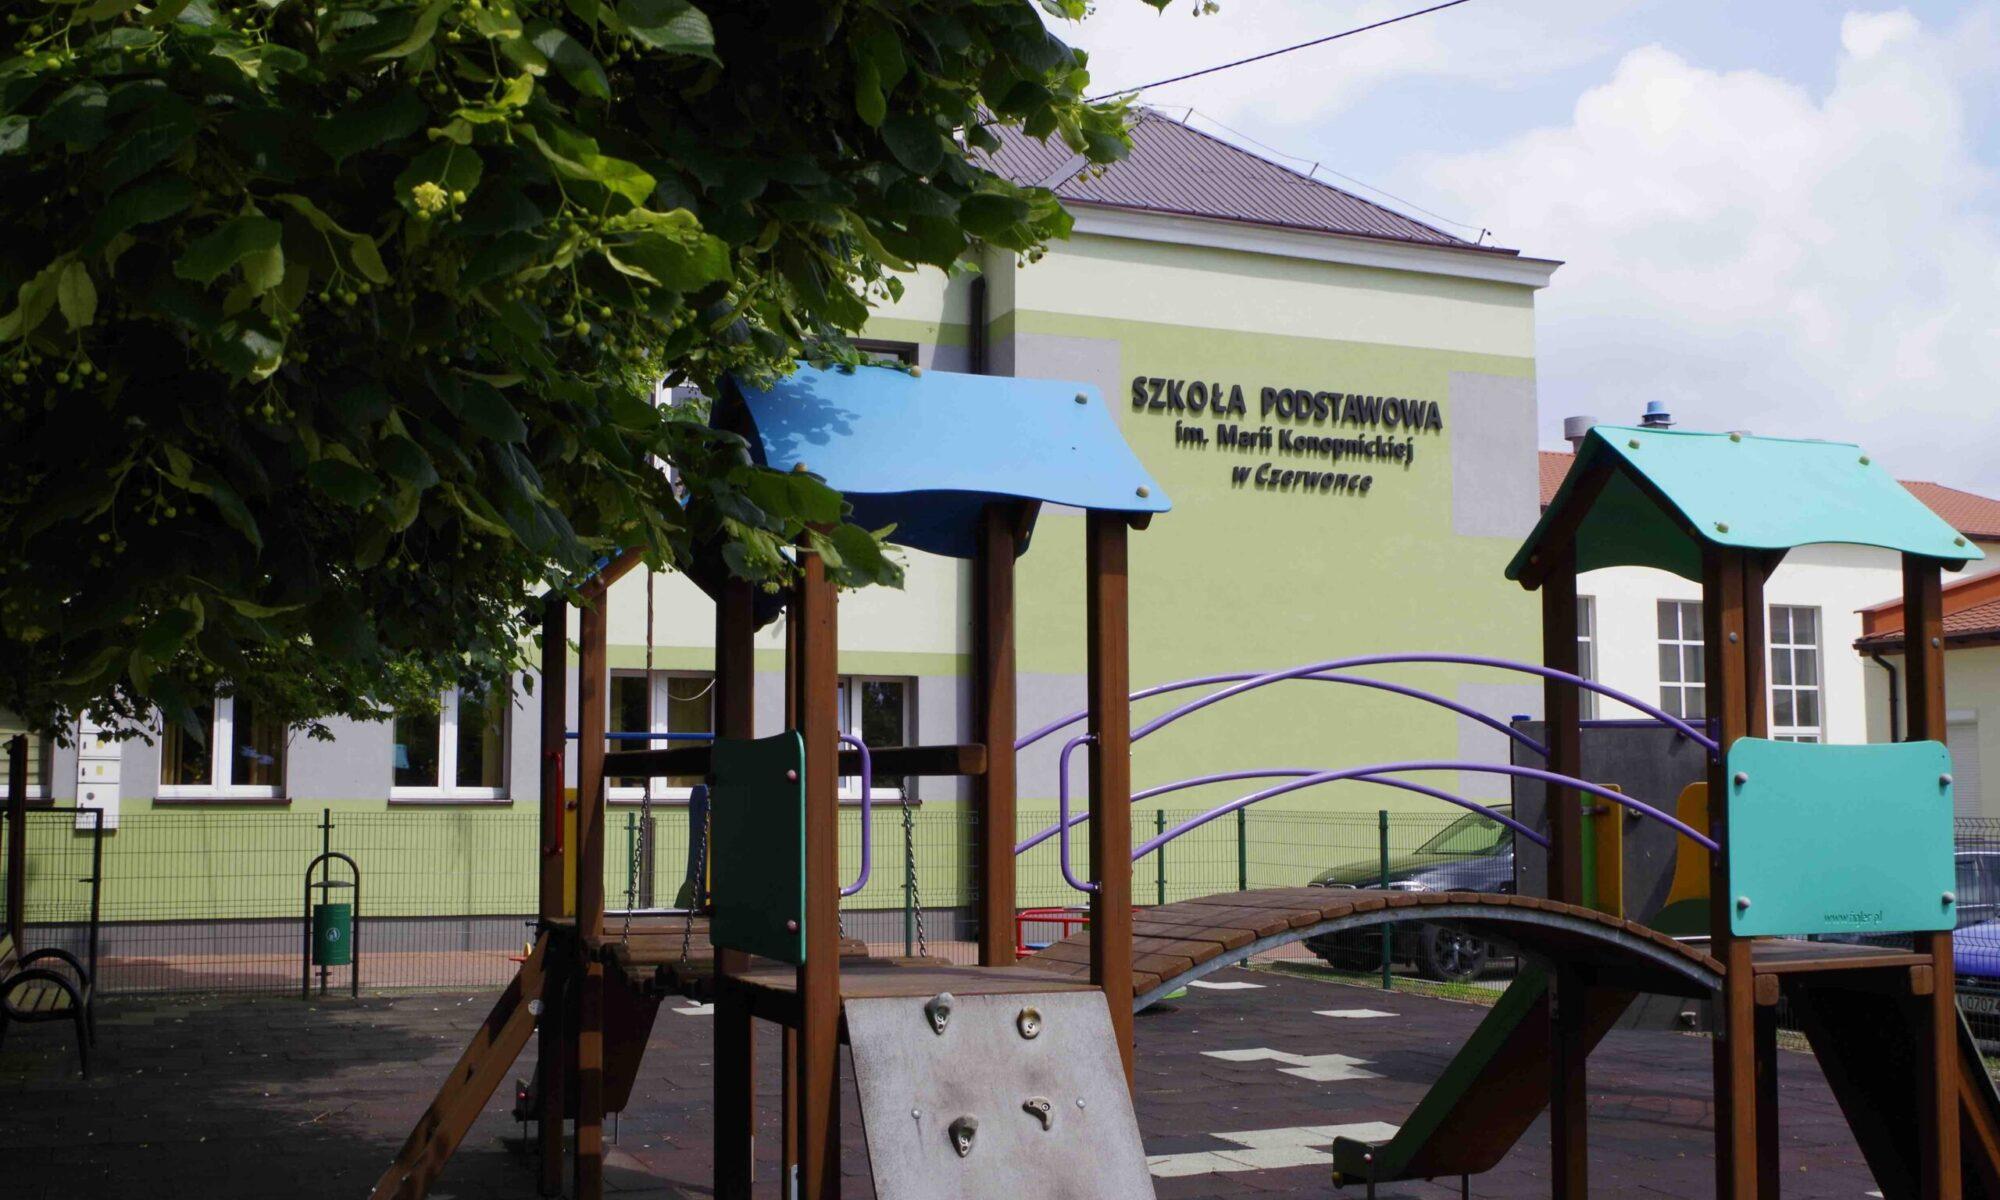 Szkoła Podstawowa im. Marii Konopnickiej w Czerwonce